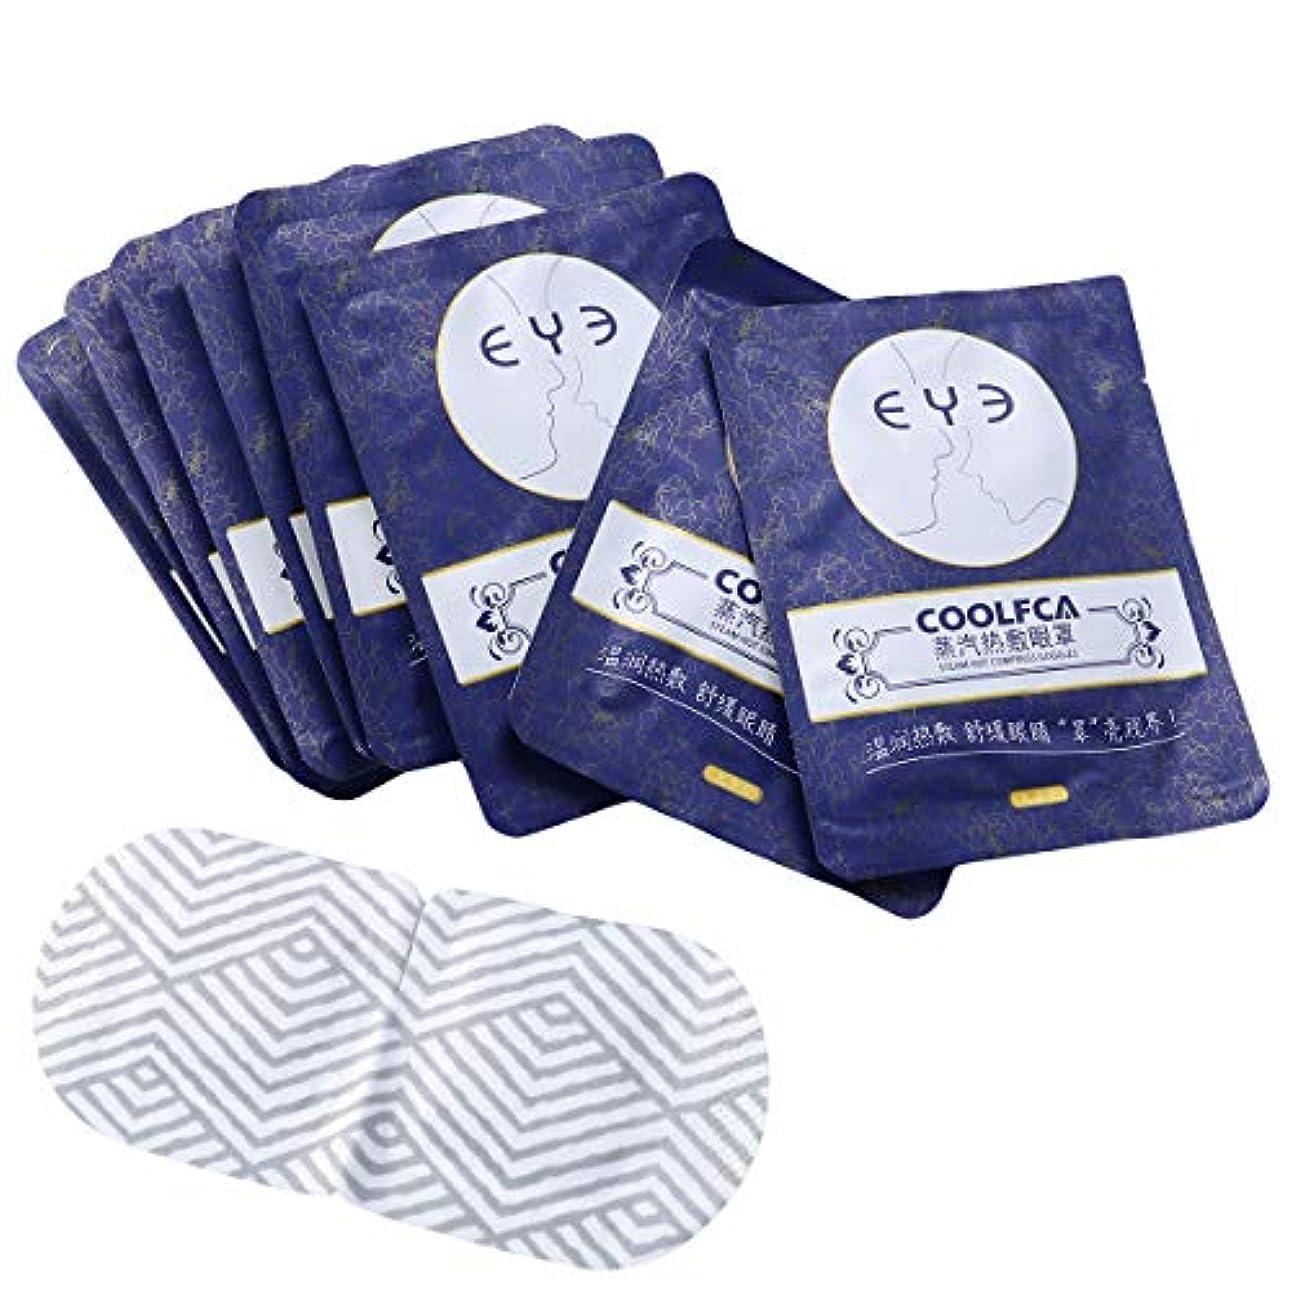 ノーブル所有者偽善者HEALIFTY アイセラピーマスク10ピーススチーム暖かいアイマスクパッチホットスージング使い捨てパッド用アイケアスパ無香料